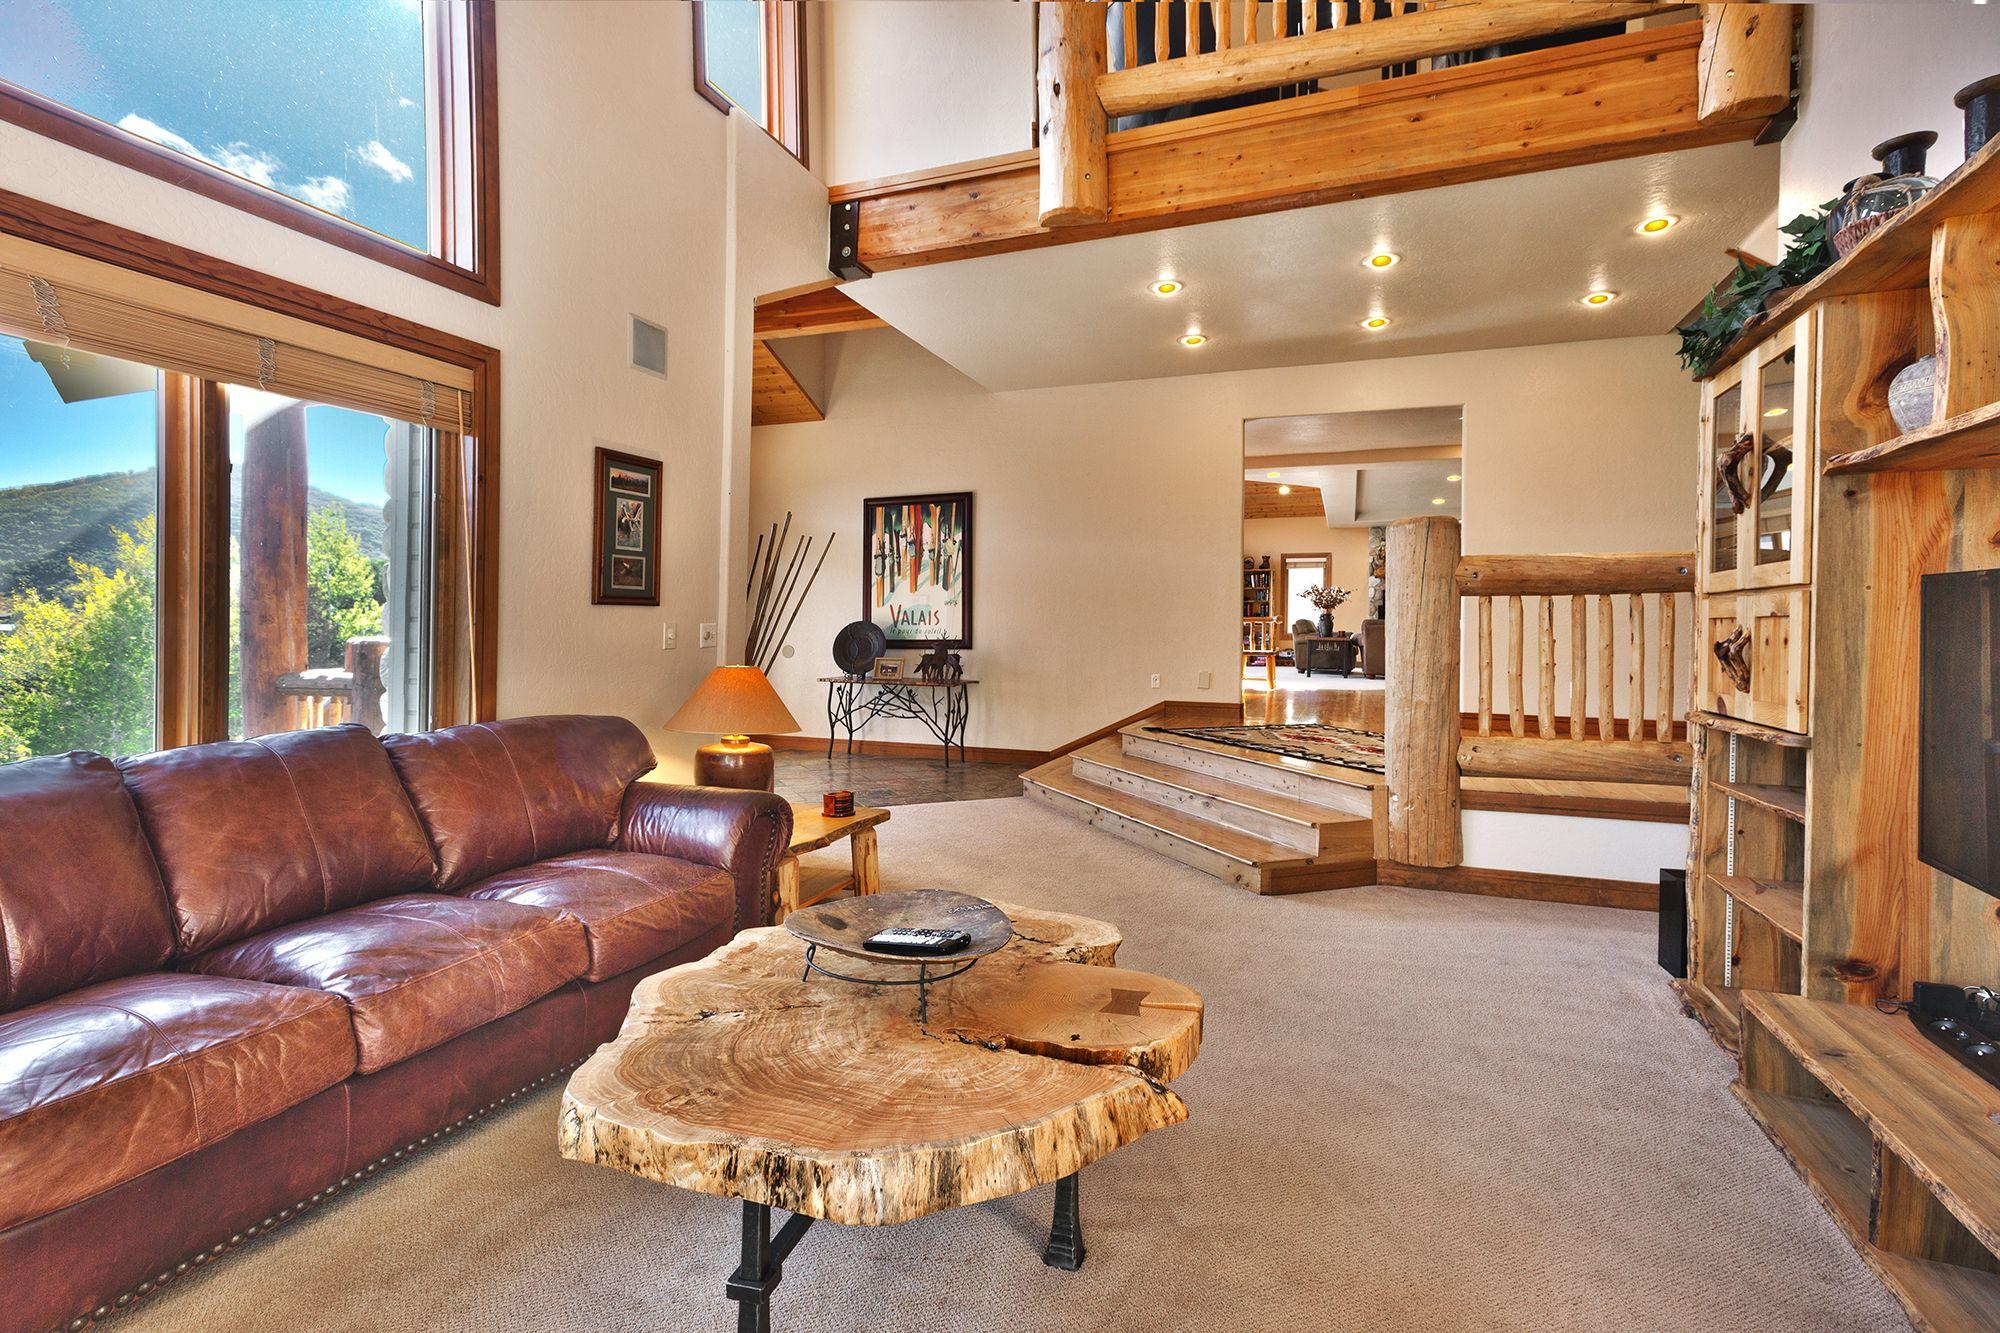 Living Room Bellavistadeervalley Deervalley Parkcity Skiparkcity Rentdeervalley Ski Park Home Park City